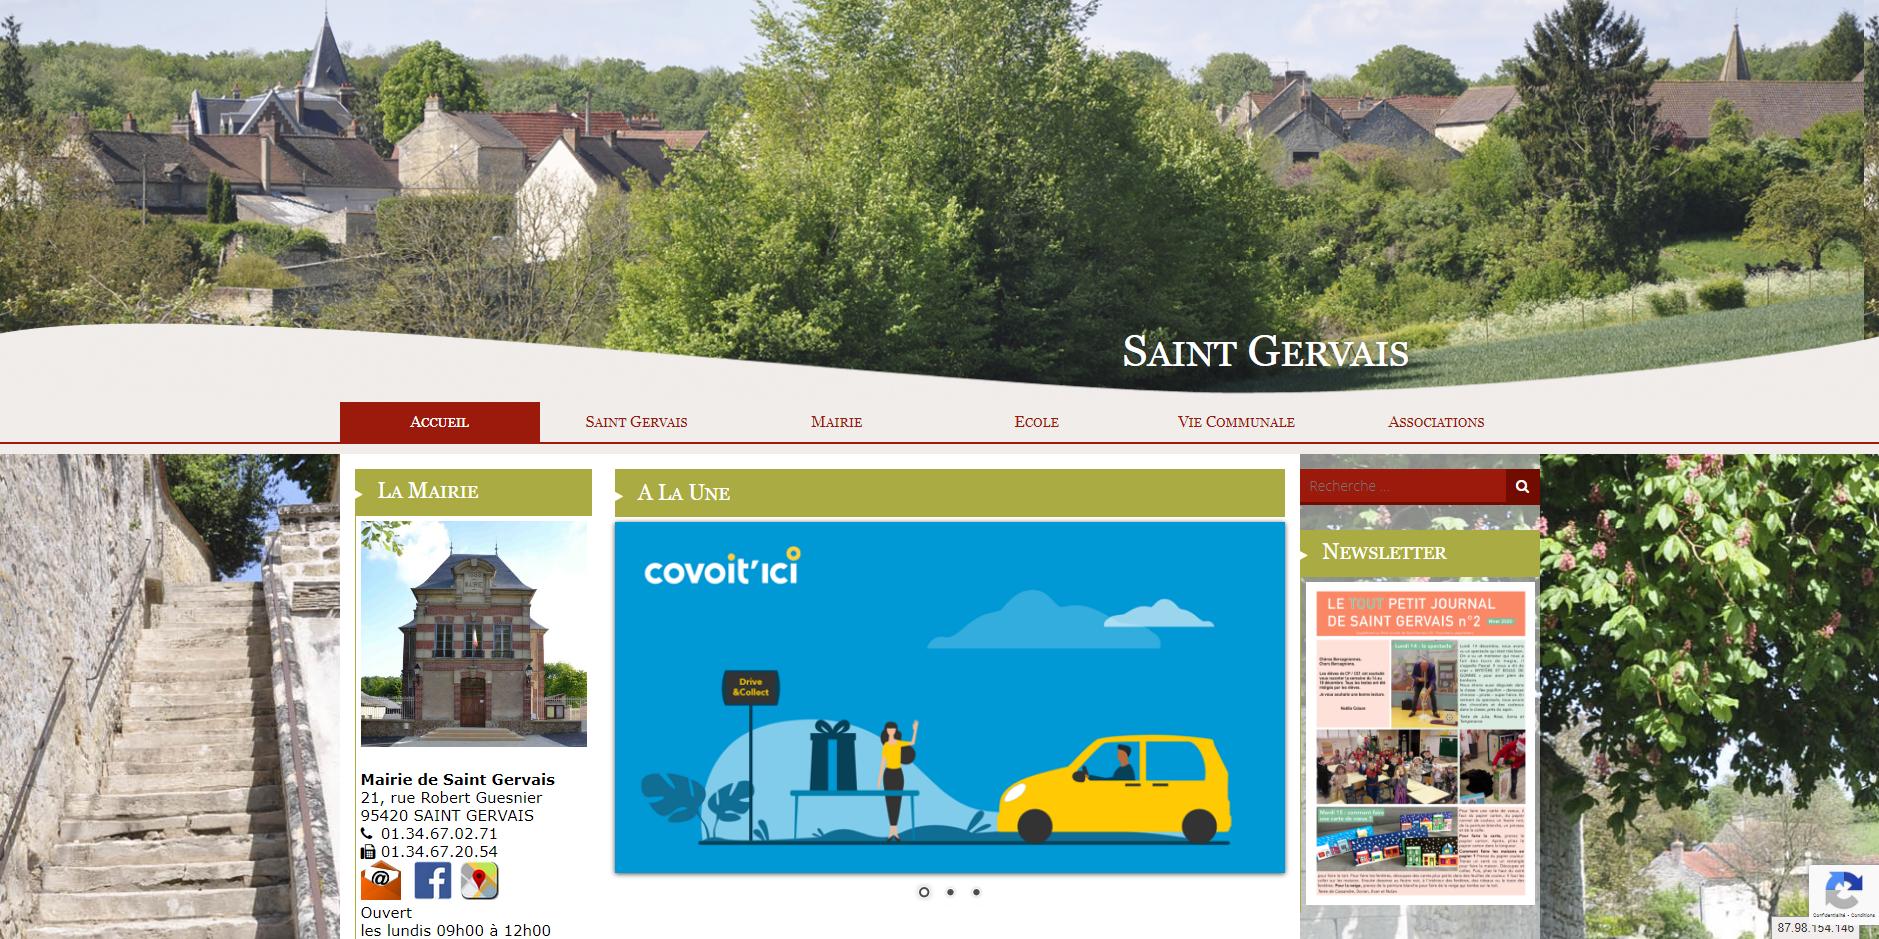 conception du site de Saint Gervais par l'union des maires du Val-d'Oise